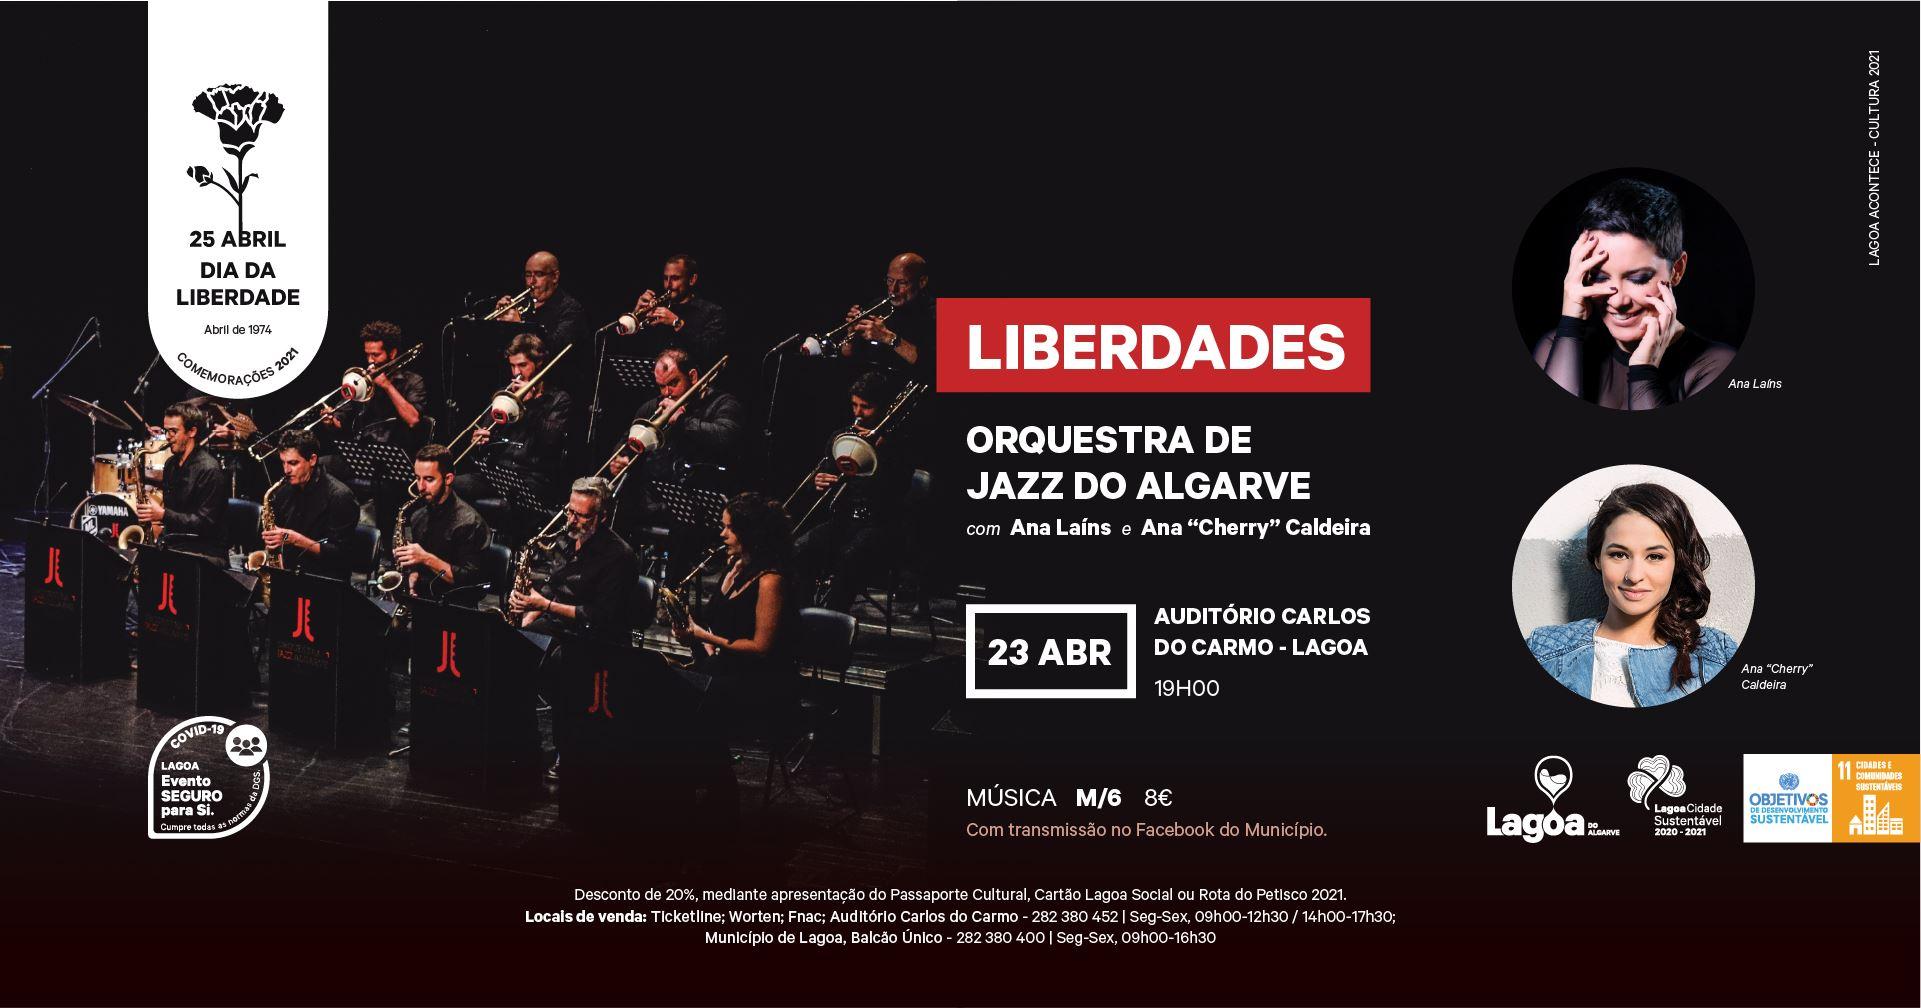 """Concerto """"Liberdades"""" pela Orquestra de Jazz do Algarve."""